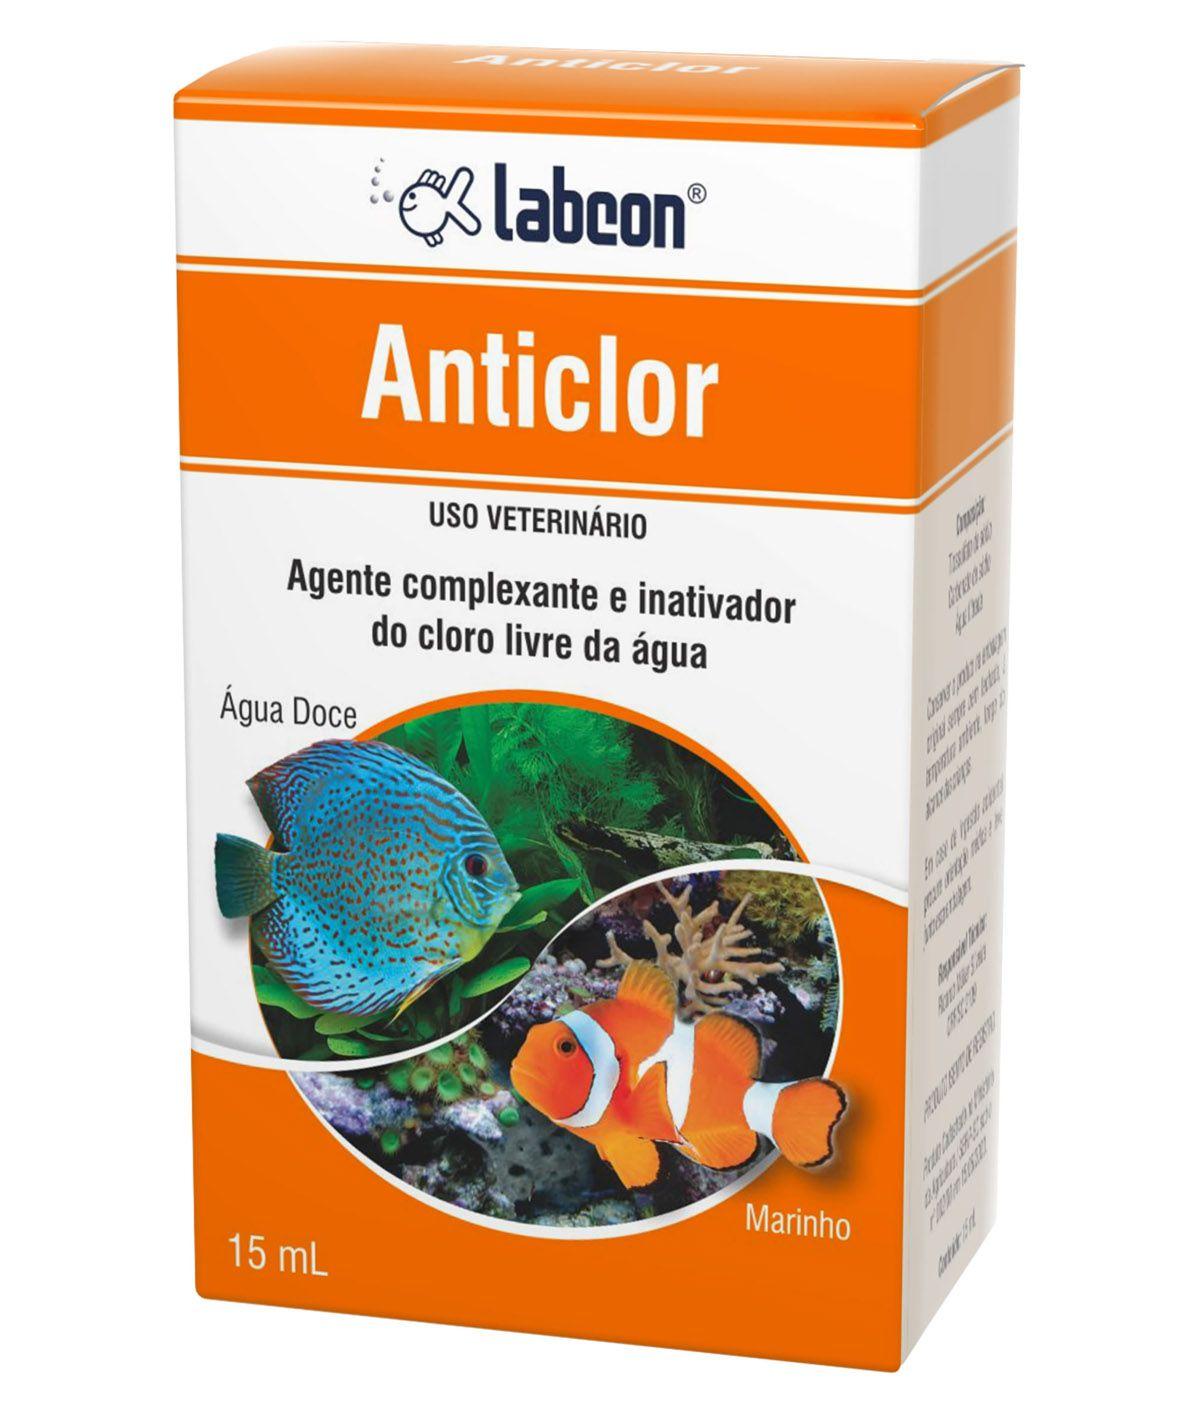 Condicionador de água de aquário Anticloro Labcon - Elimina cloro de água de áquario 15ml